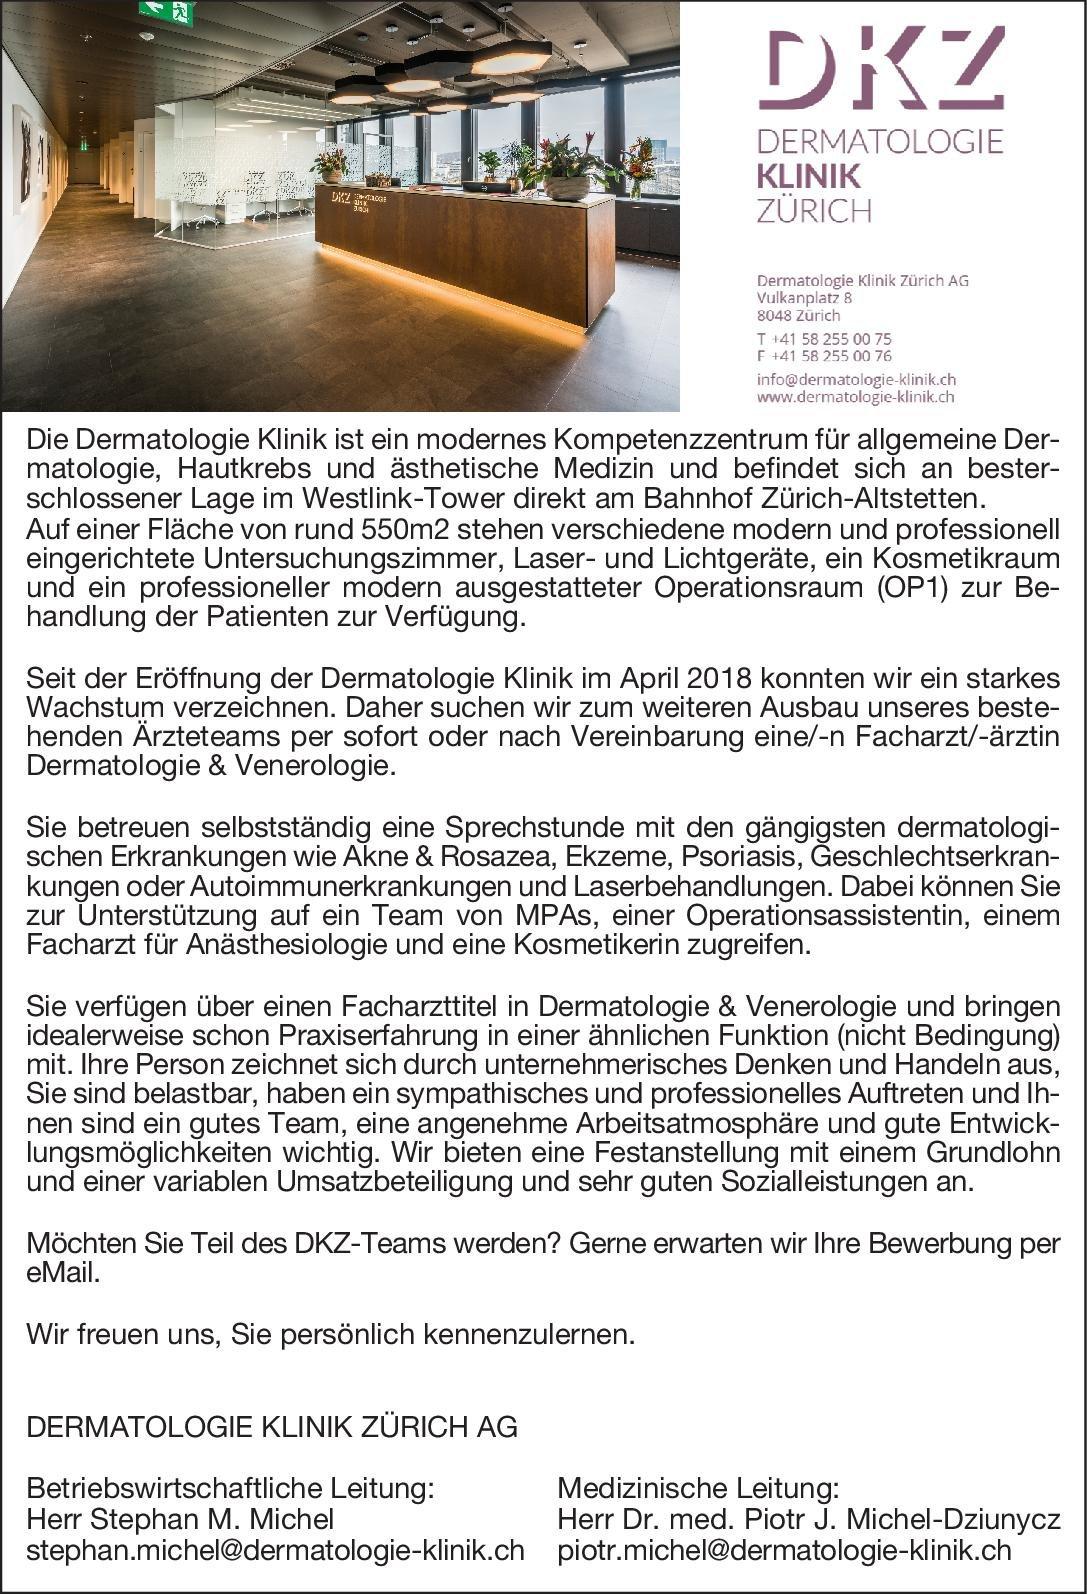 Dermatologie Klinik Zürich AG Facharzt/-ärztin Dermatologie & Venerologie Haut- und Geschlechtskrankheiten Arzt / Facharzt